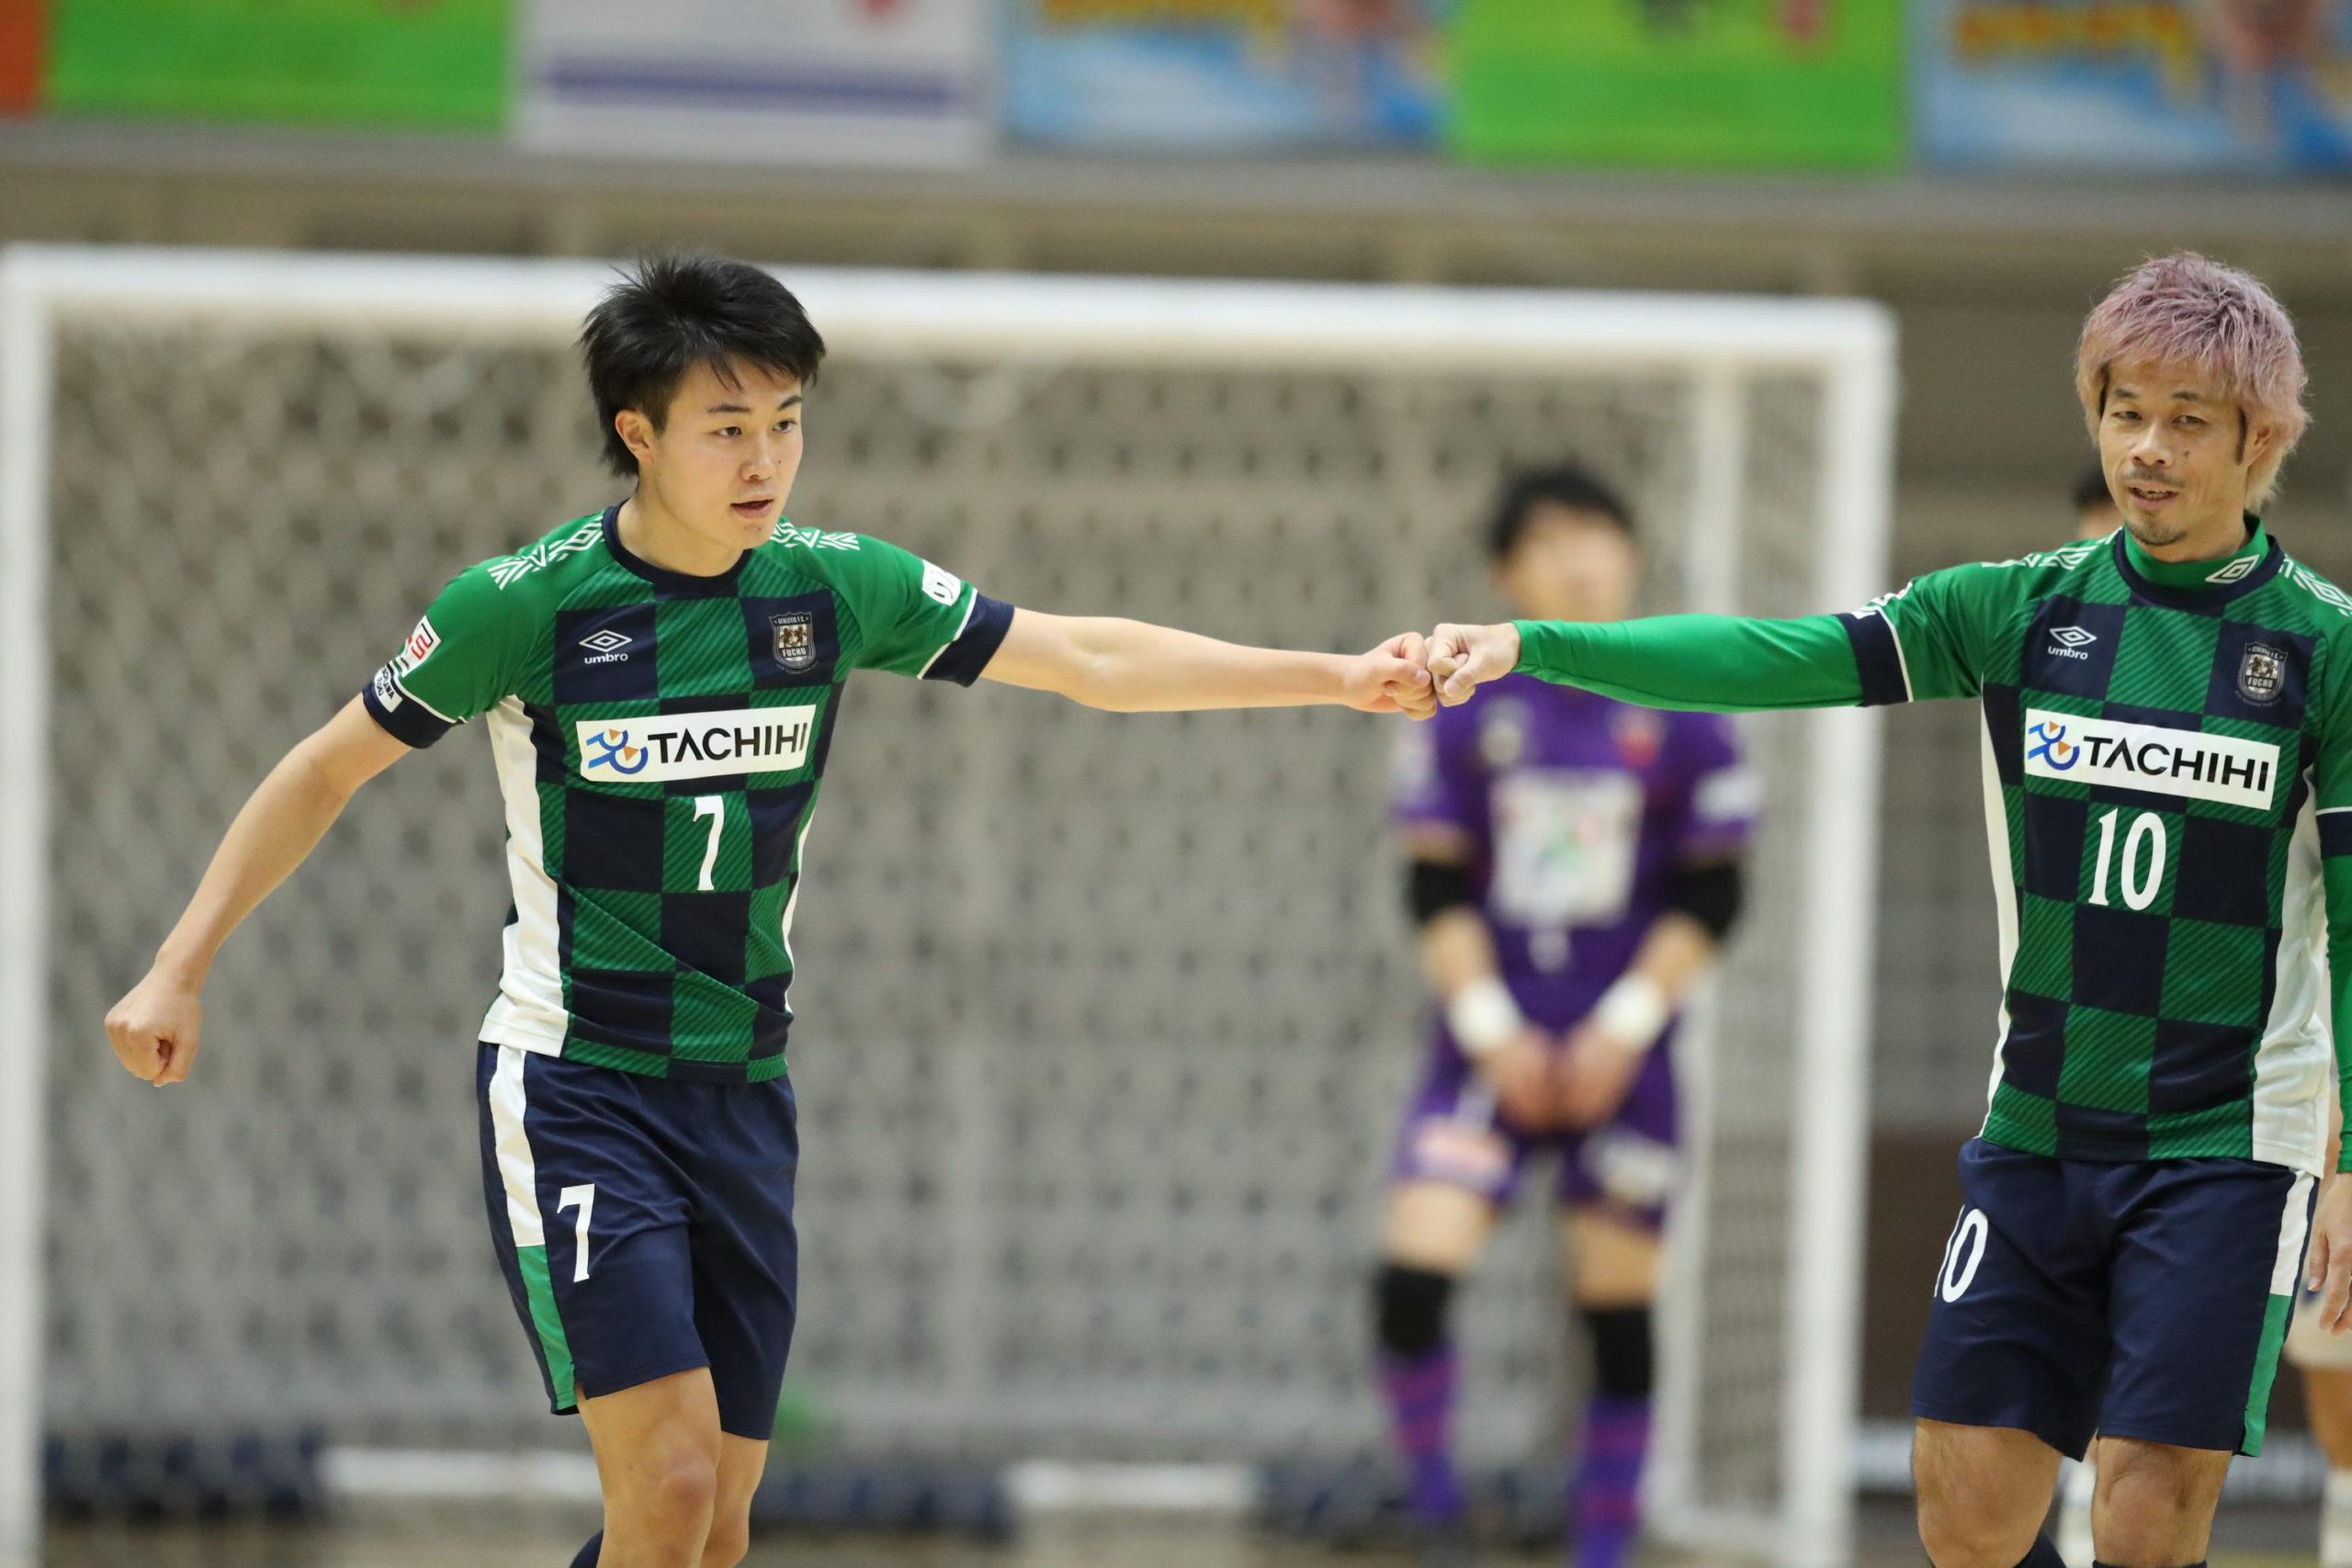 【日本代表/WEB取材】24歳の内田隼太はこの16日間で代表でのポジションをより確固たるものにできるか。「ワールドカップのメンバーに入らないと意味がない」